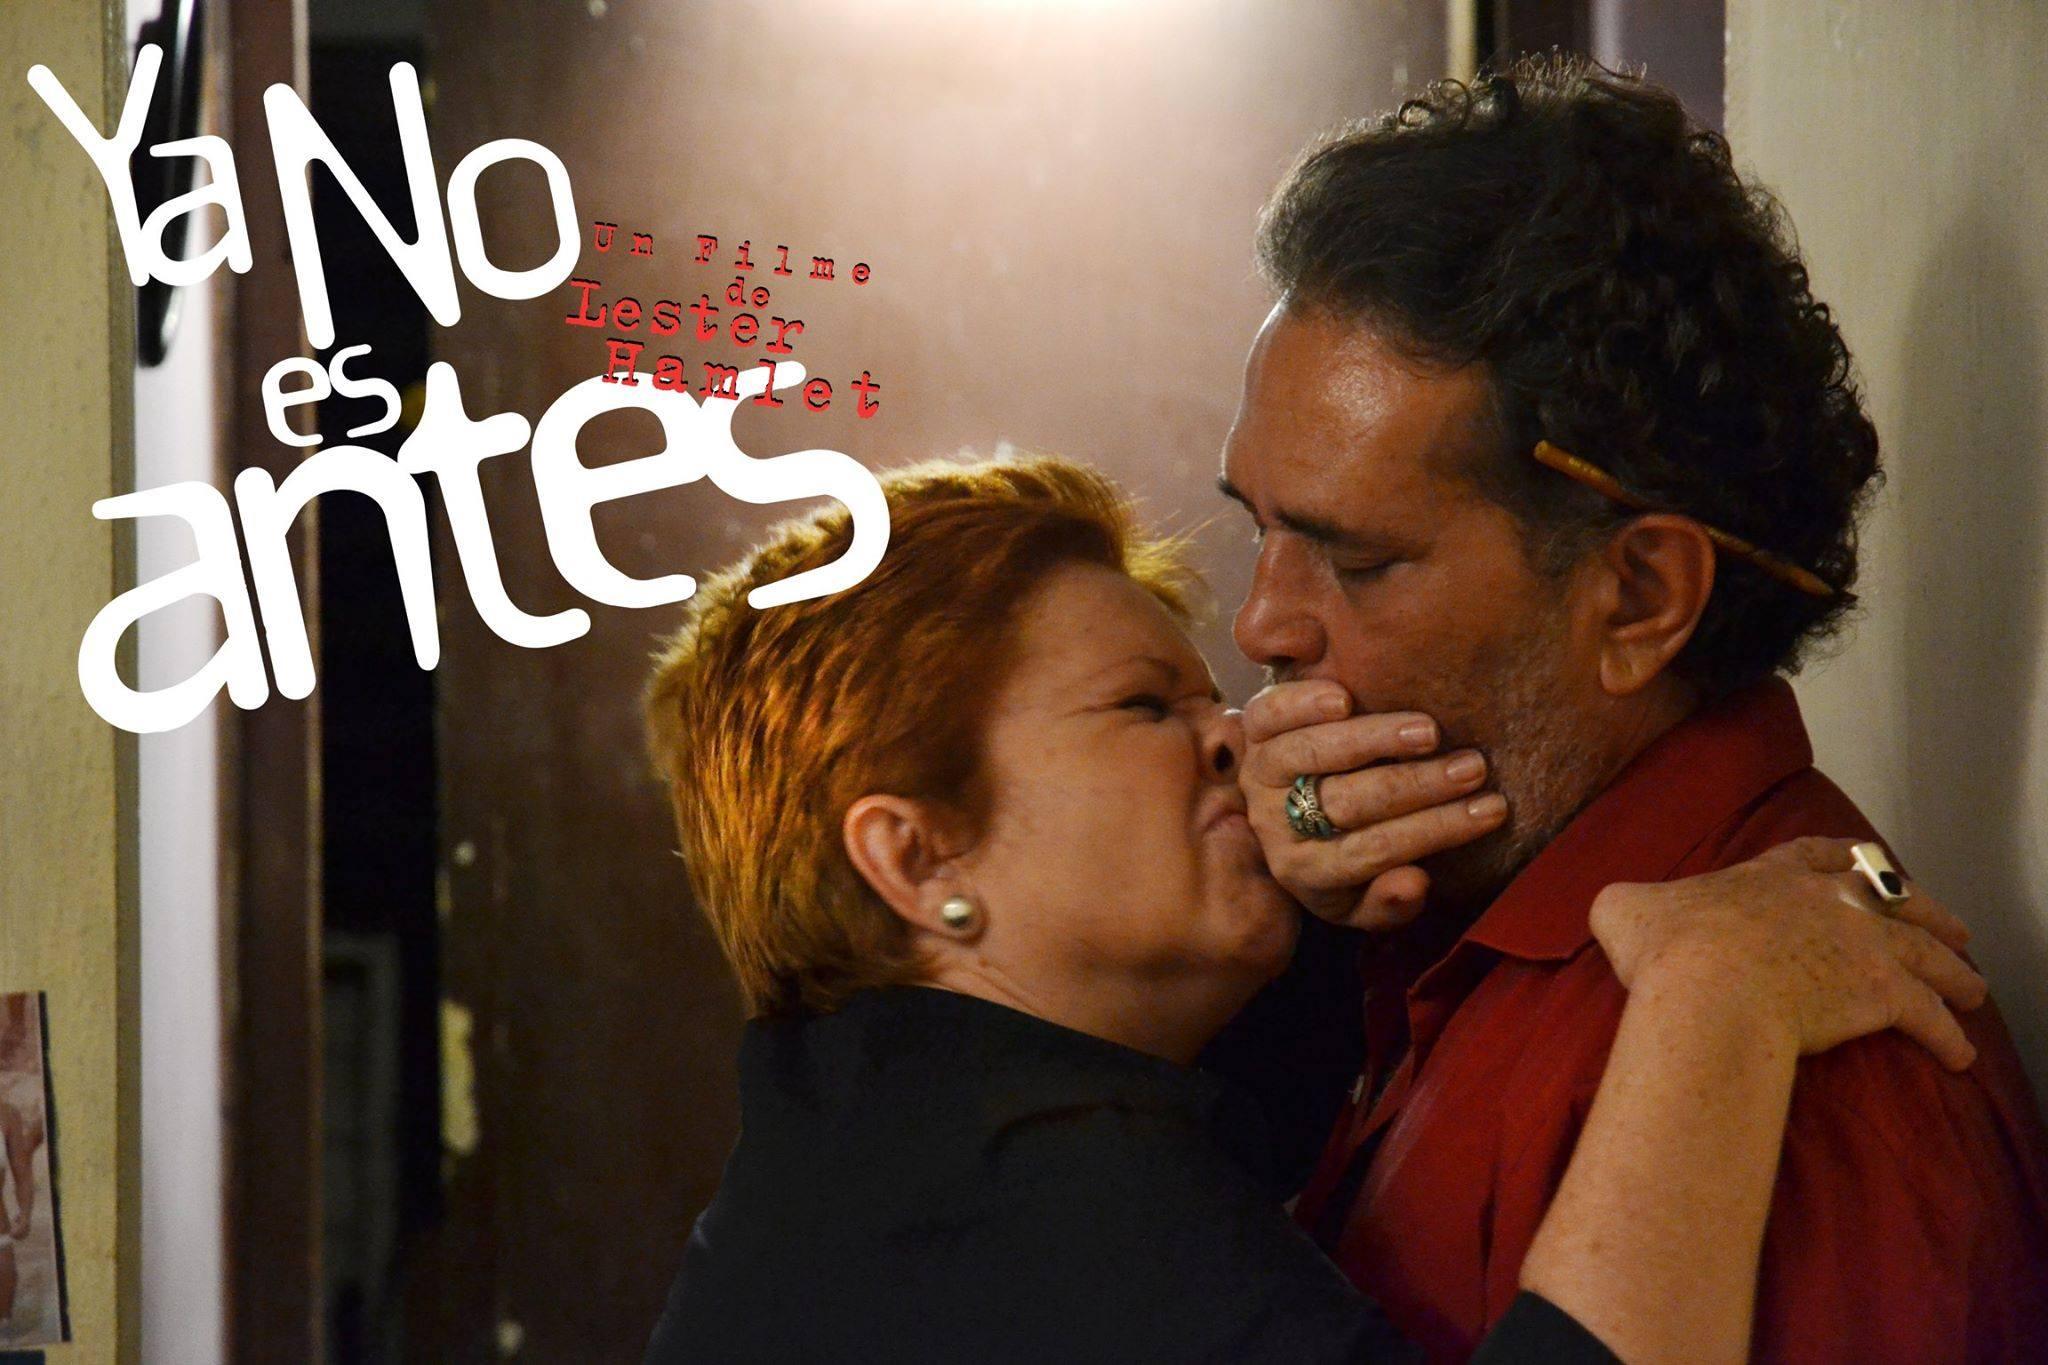 Confirman popularidad de película cubana Ya no es antes